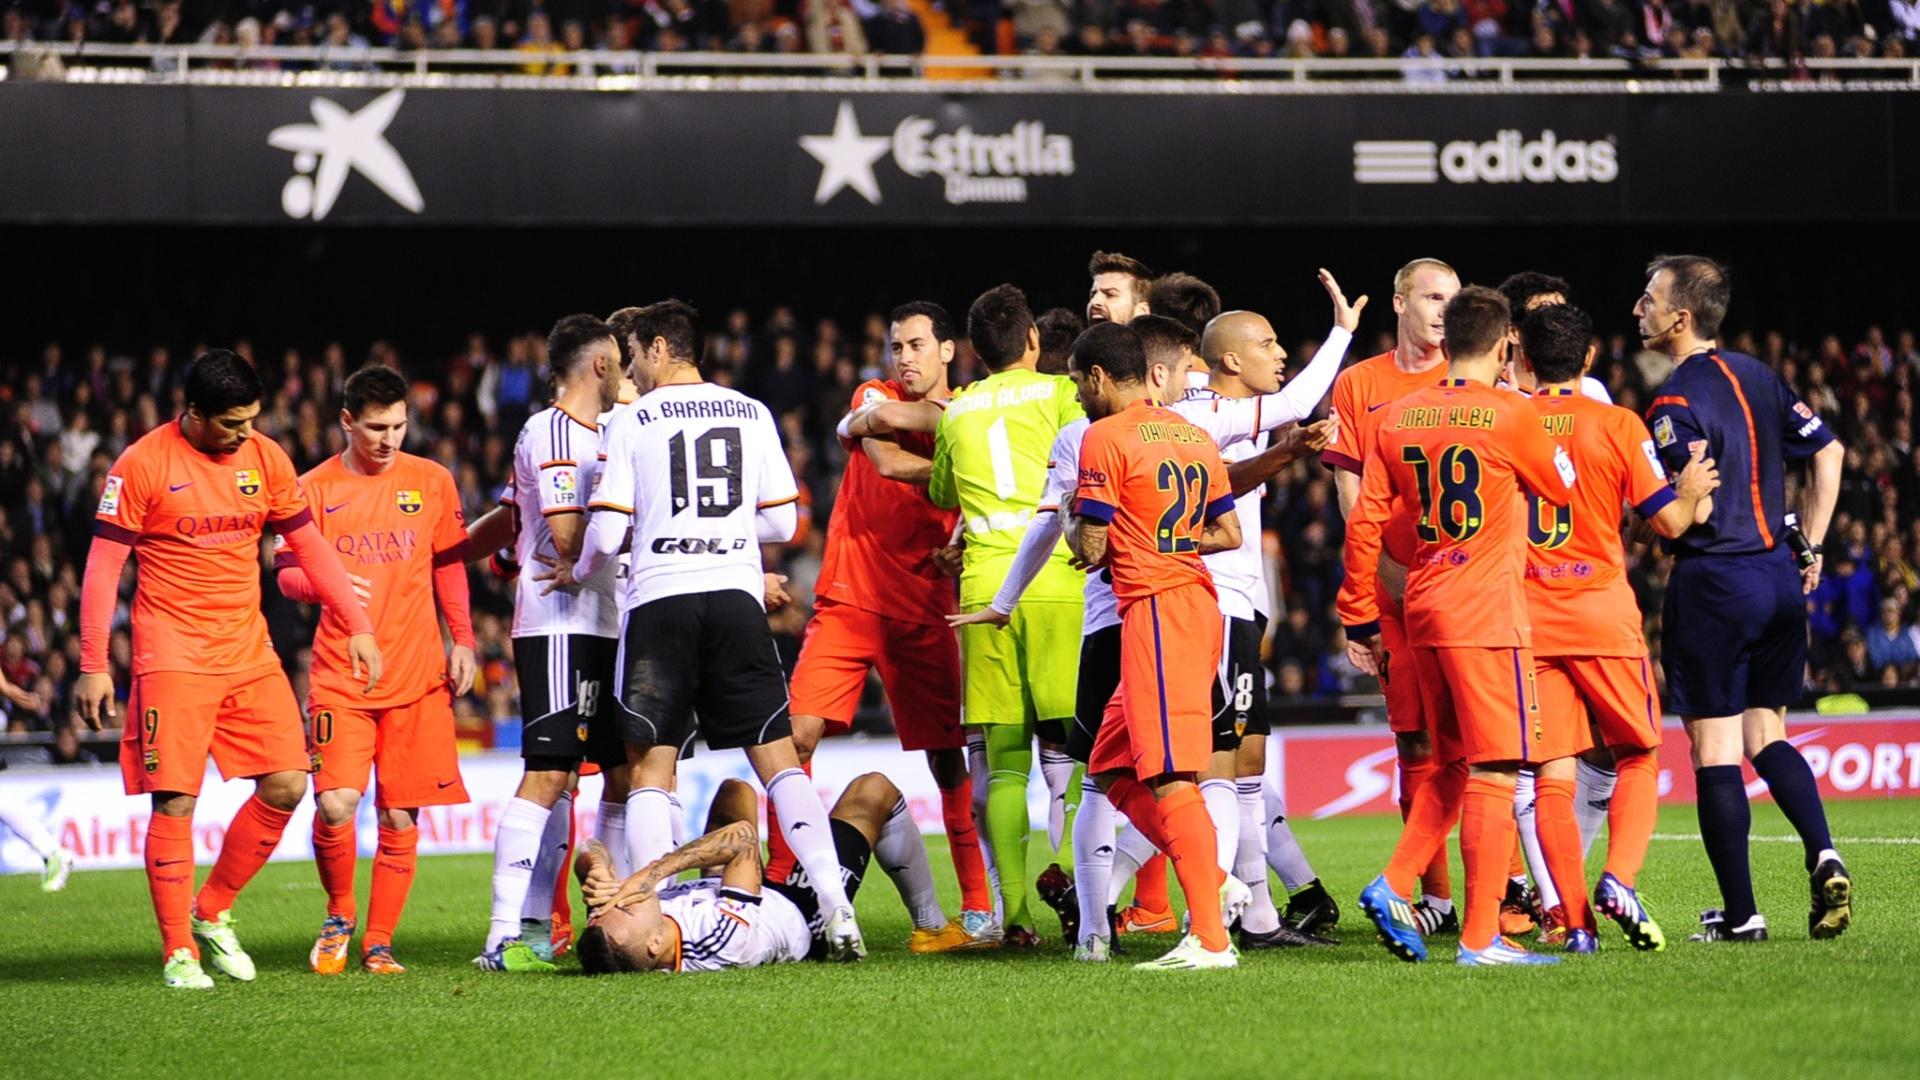 Jogadores de Valencia e Barcelona se envolvem em confusão após choque de Neymar e Otamendi